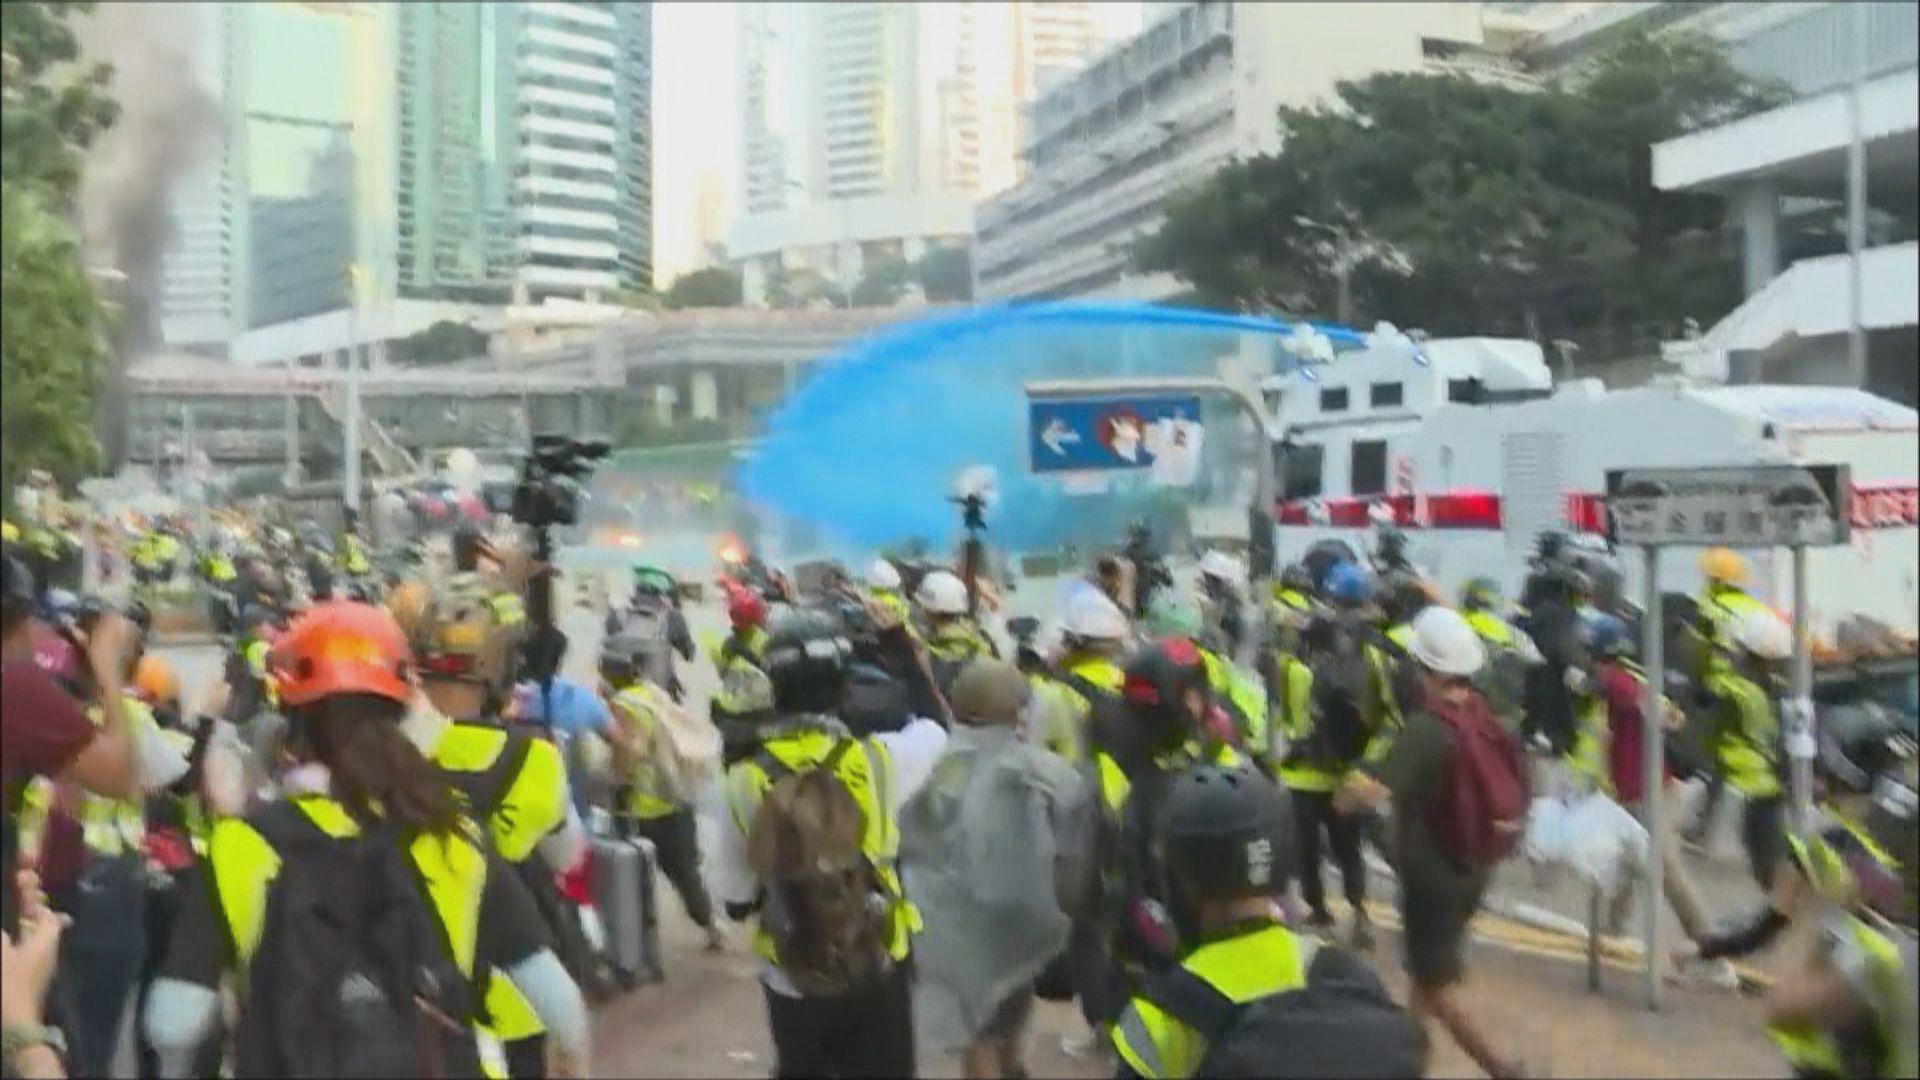 水炮車政總射顏色水 警發催淚彈驅散示威者